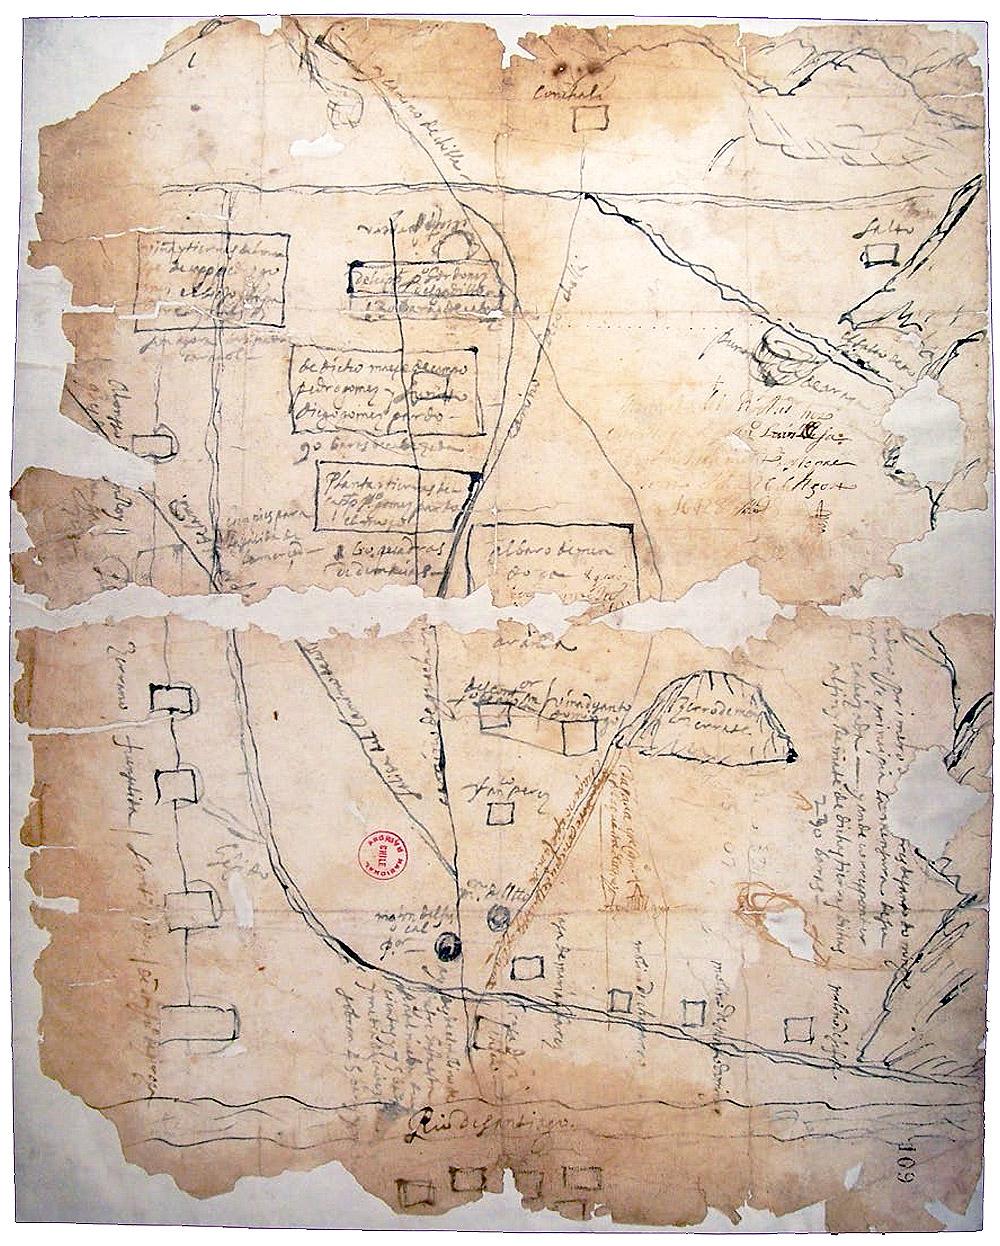 (1) Francisco Luis Besa, Plano de la Chimba. Valle del Mapocho, entregado al tribunal de la Real Audiencia el 26 de Agosto de 1641